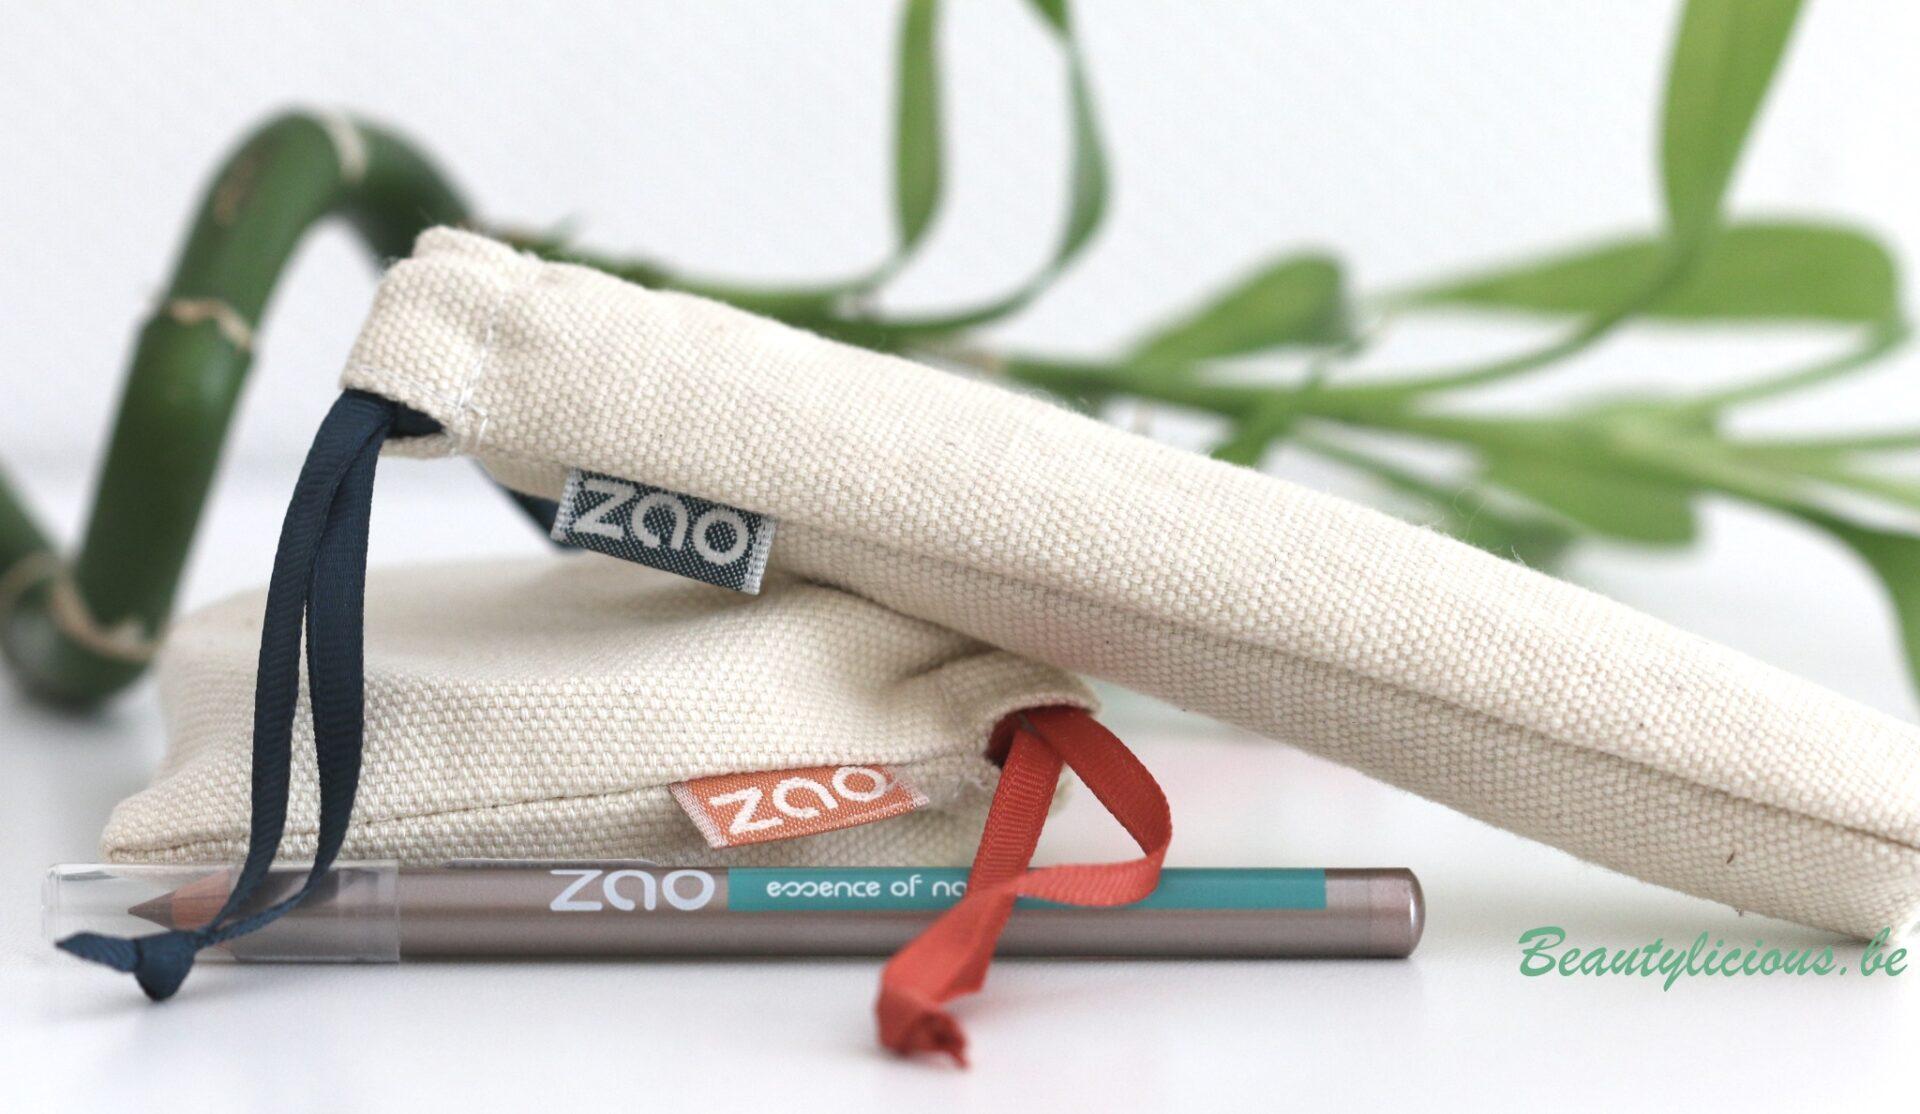 Il y a plusieurs semaines, j\u0027ai reçu du site Sebio 3 produits de maquillage  de la marque Zao  un mascara, un blush et un crayon. Ceux,ci sont  certifiés bio